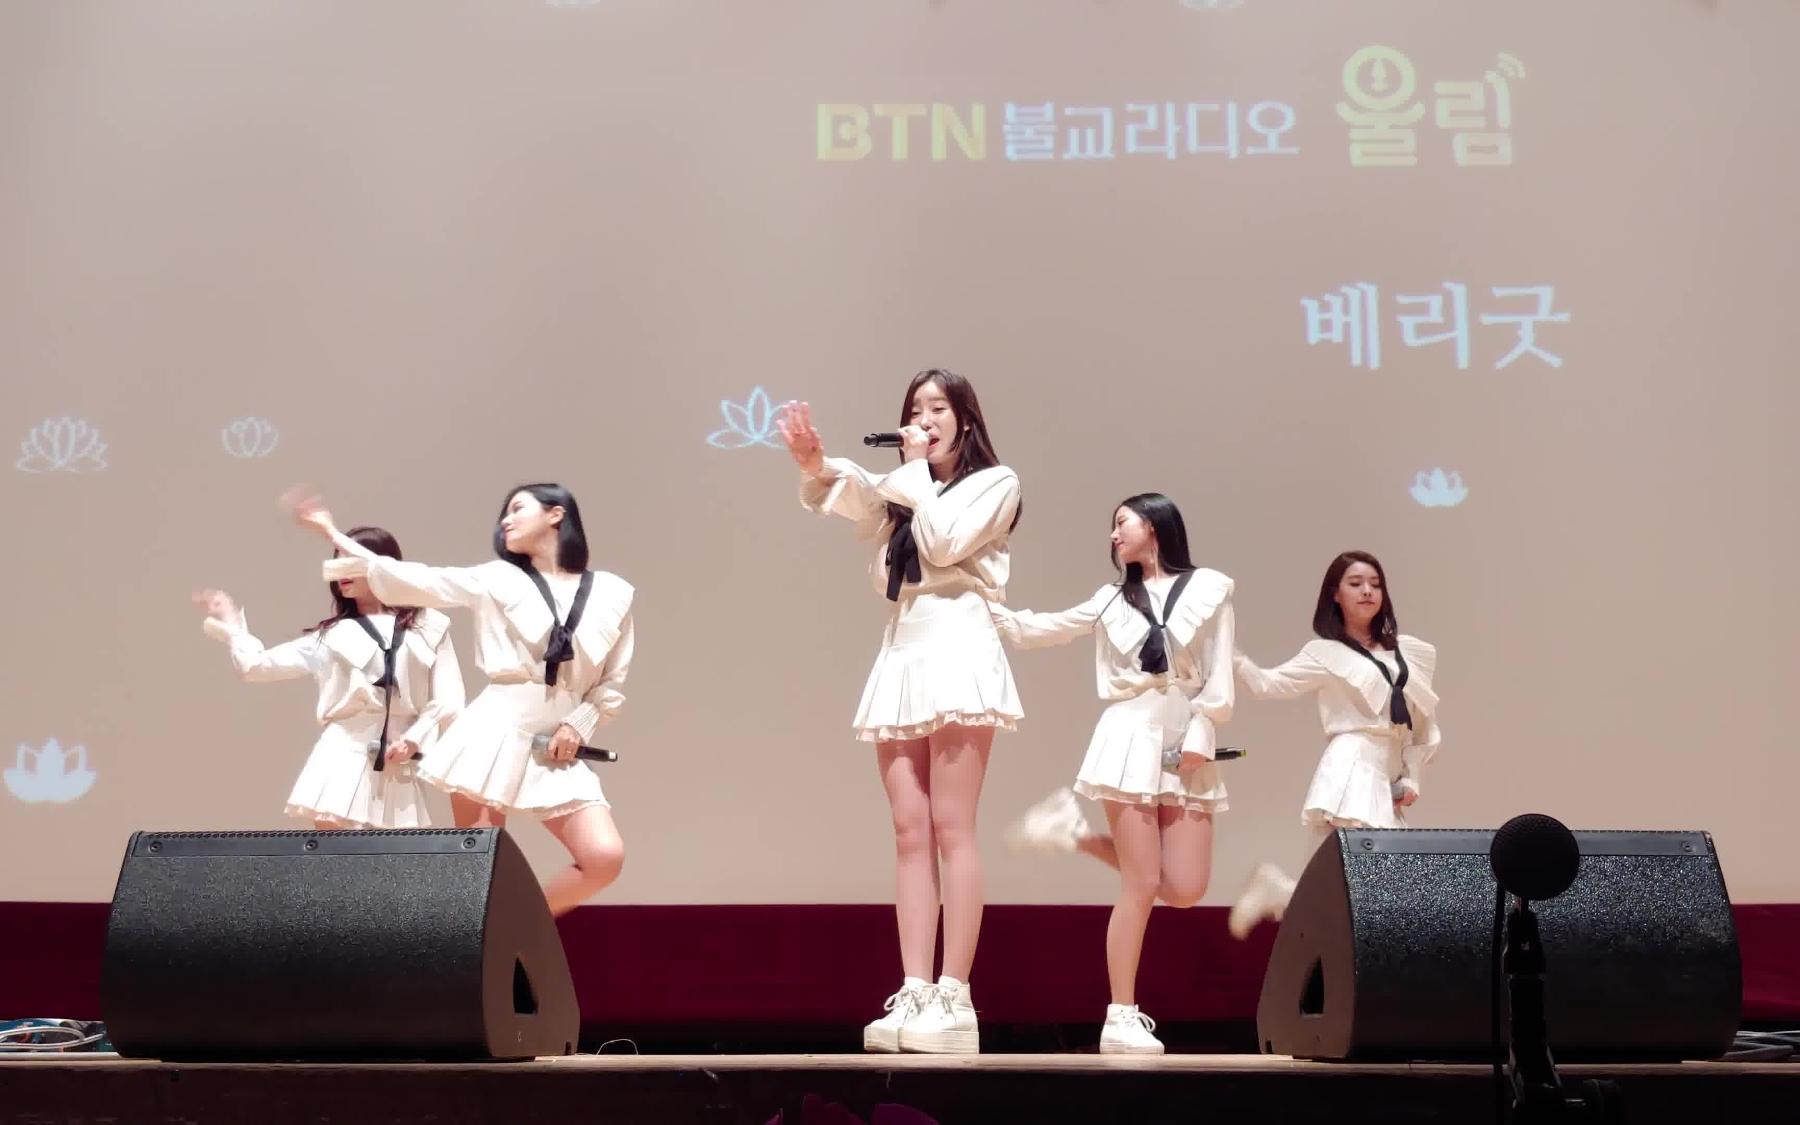 「韩国饭拍」再见Berry Good  -  Good-Bye Berry Good♡19